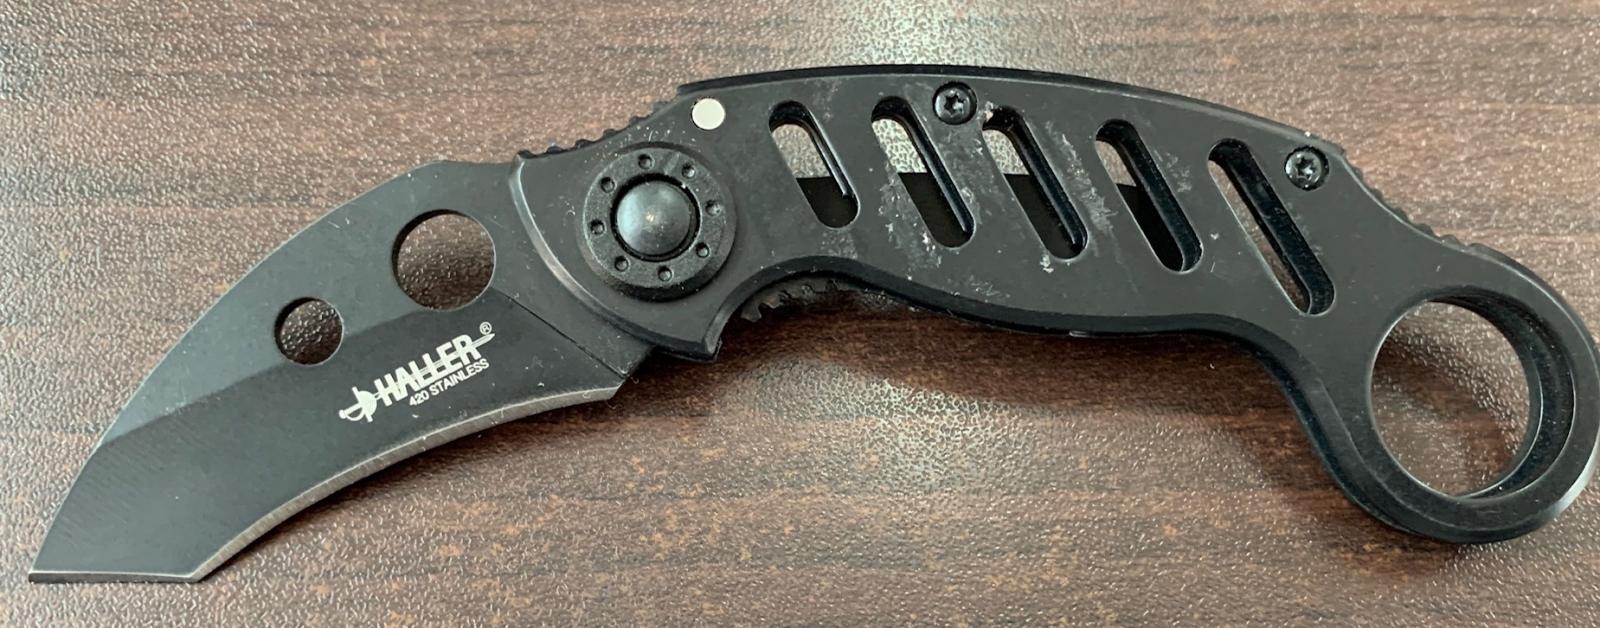 Складной нож-керамбит Haller с перфорированной рукоятью